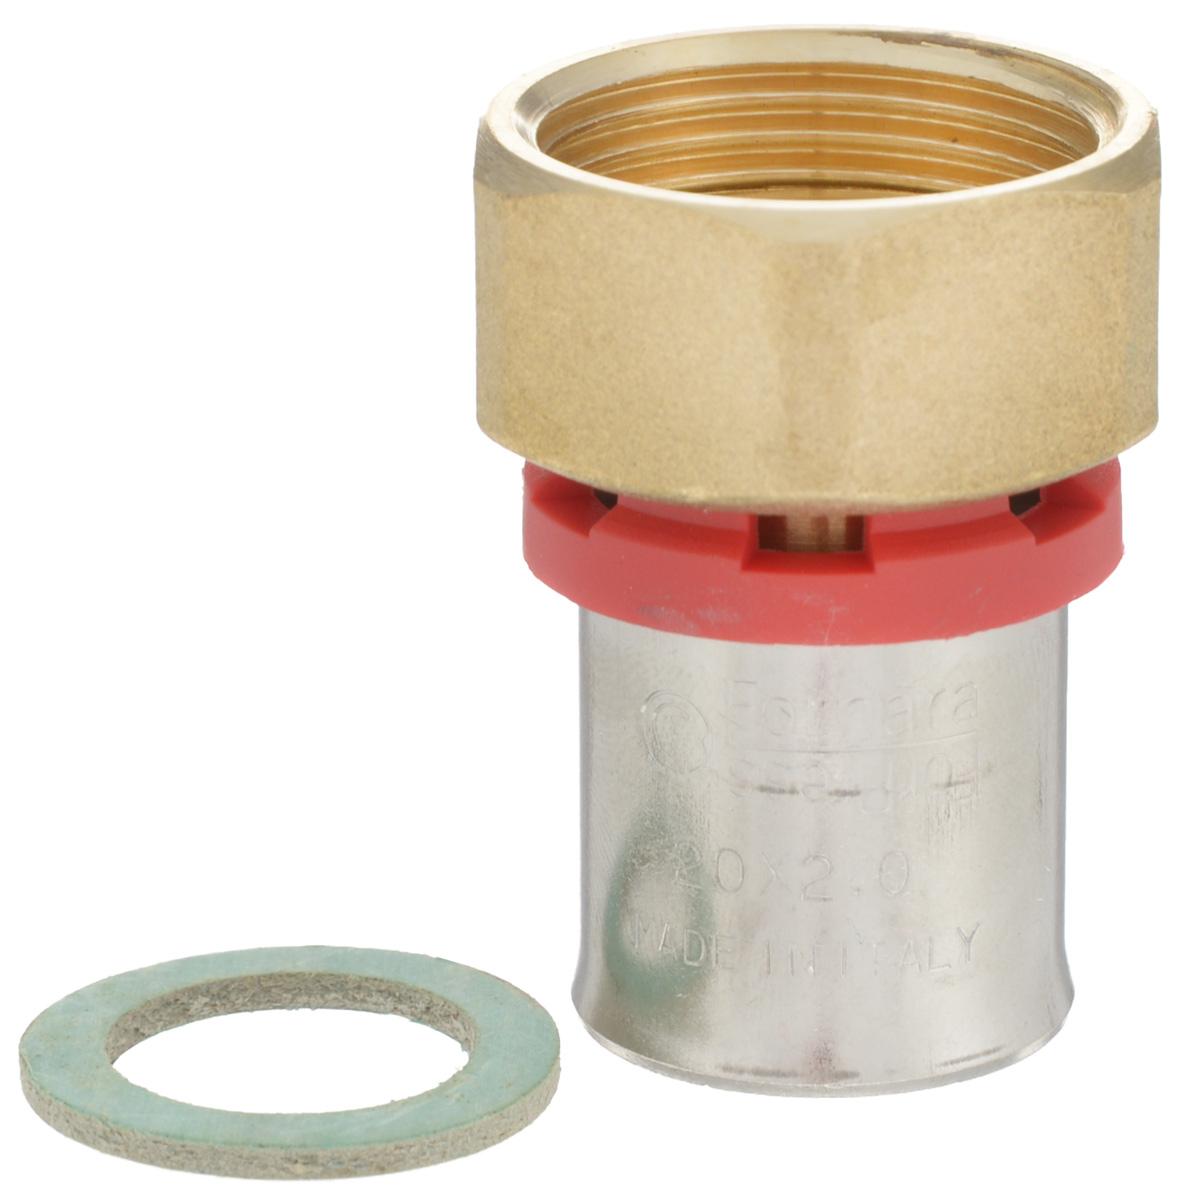 Соединитель Fornara, под пресс, п - нг, 20 x 3/430636Соединитель под пресс Fornara представляет собой элемент трубопровода, обеспечивающий соединение труб из разных материалов с компонентами системы. Изделие имеет переход на наружную резьбу, прочный, долговечный корпус из никелированной горячепрессованной латуни. Благодаря специальным насечкам уплотнительный материал соединителя хорошо удерживается при монтаже трубопроводной системы.